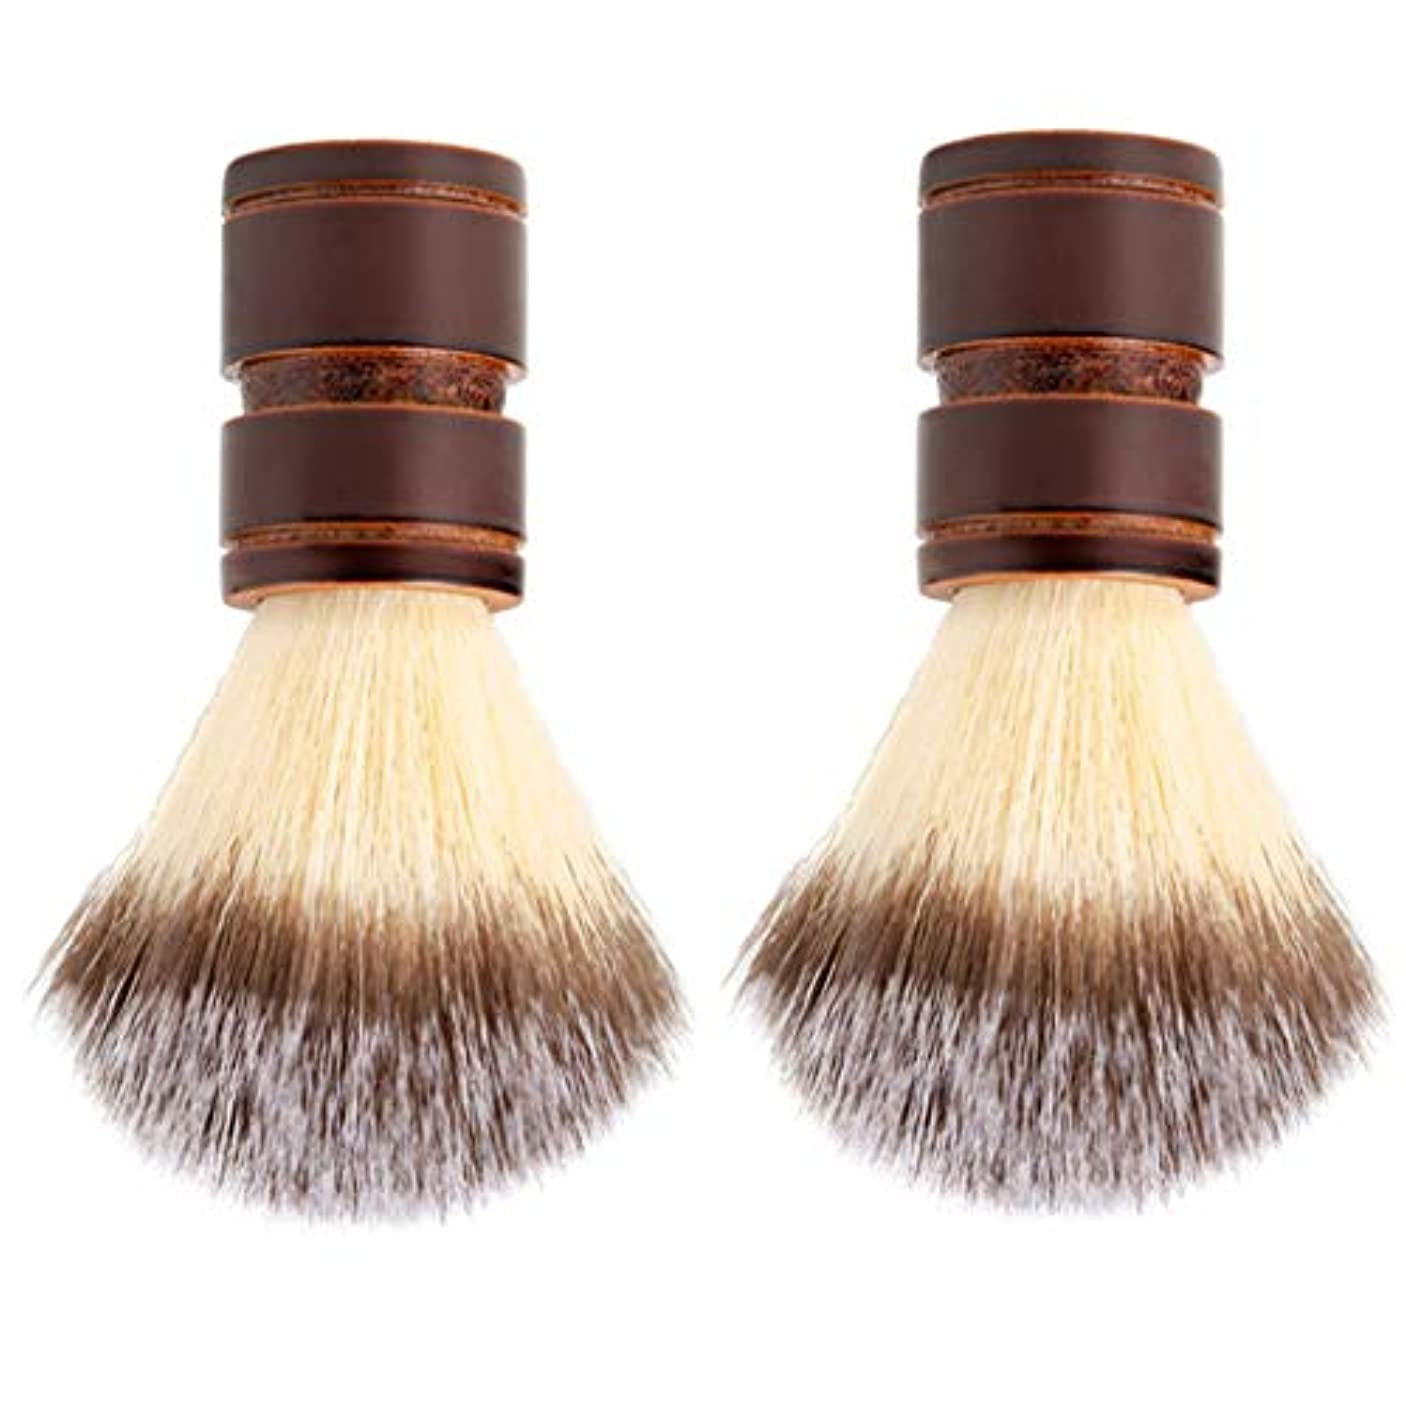 店主ソーダ水器用dailymall 木のハンドルが付いている2xナイロン毛の剃るブラシ個人的な専門の剃る